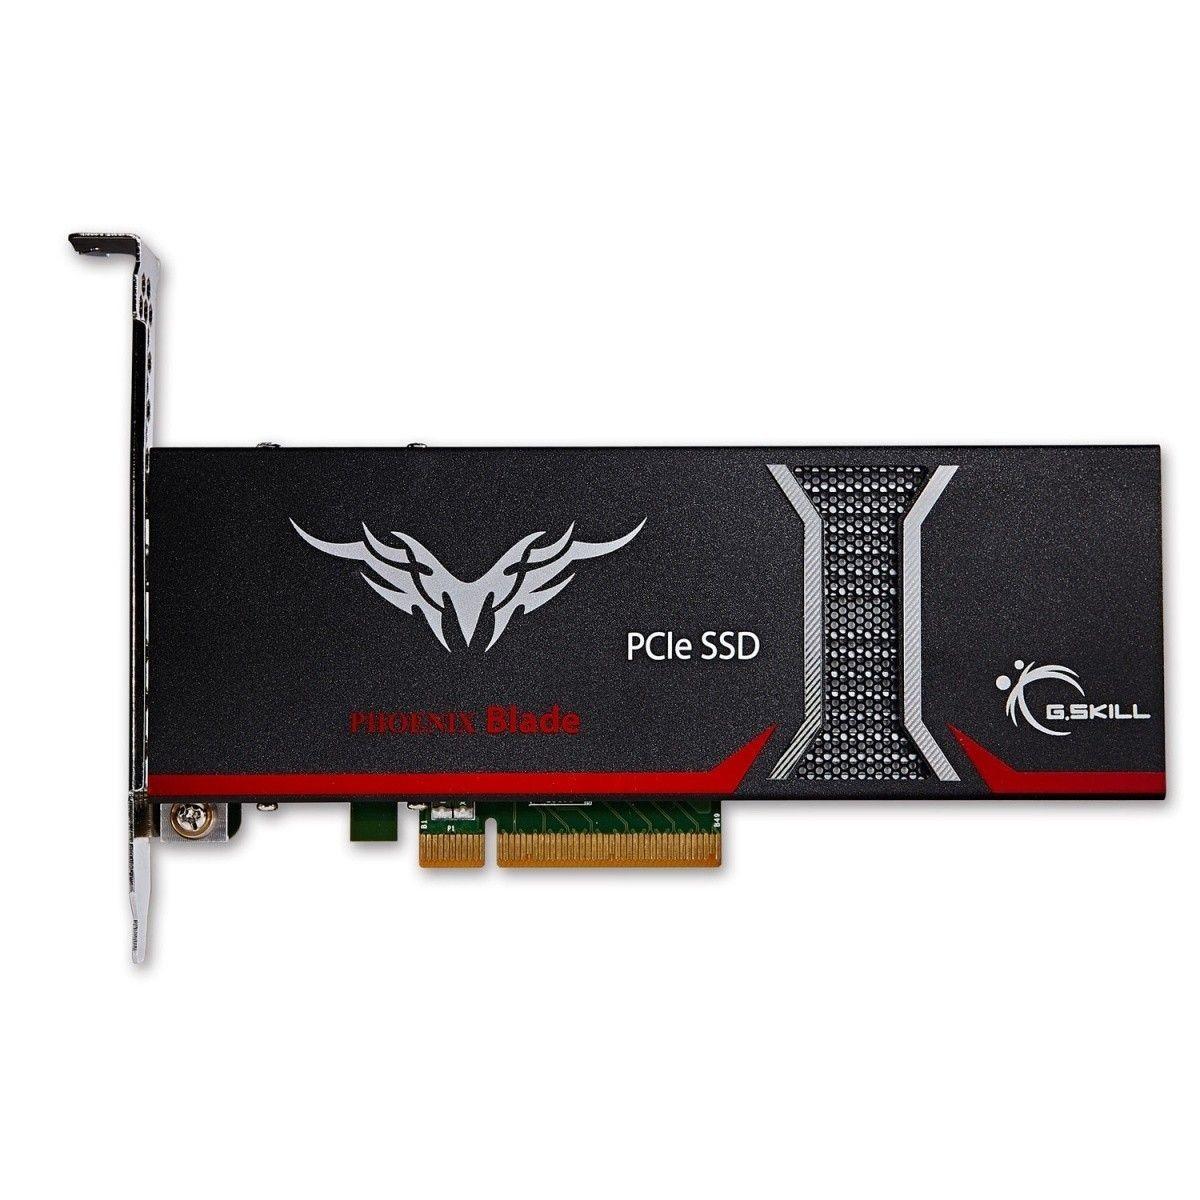 GSkill Phoenix Blade SSD 960GB PCIe x8 2000/2000MB/s 230k IOPs